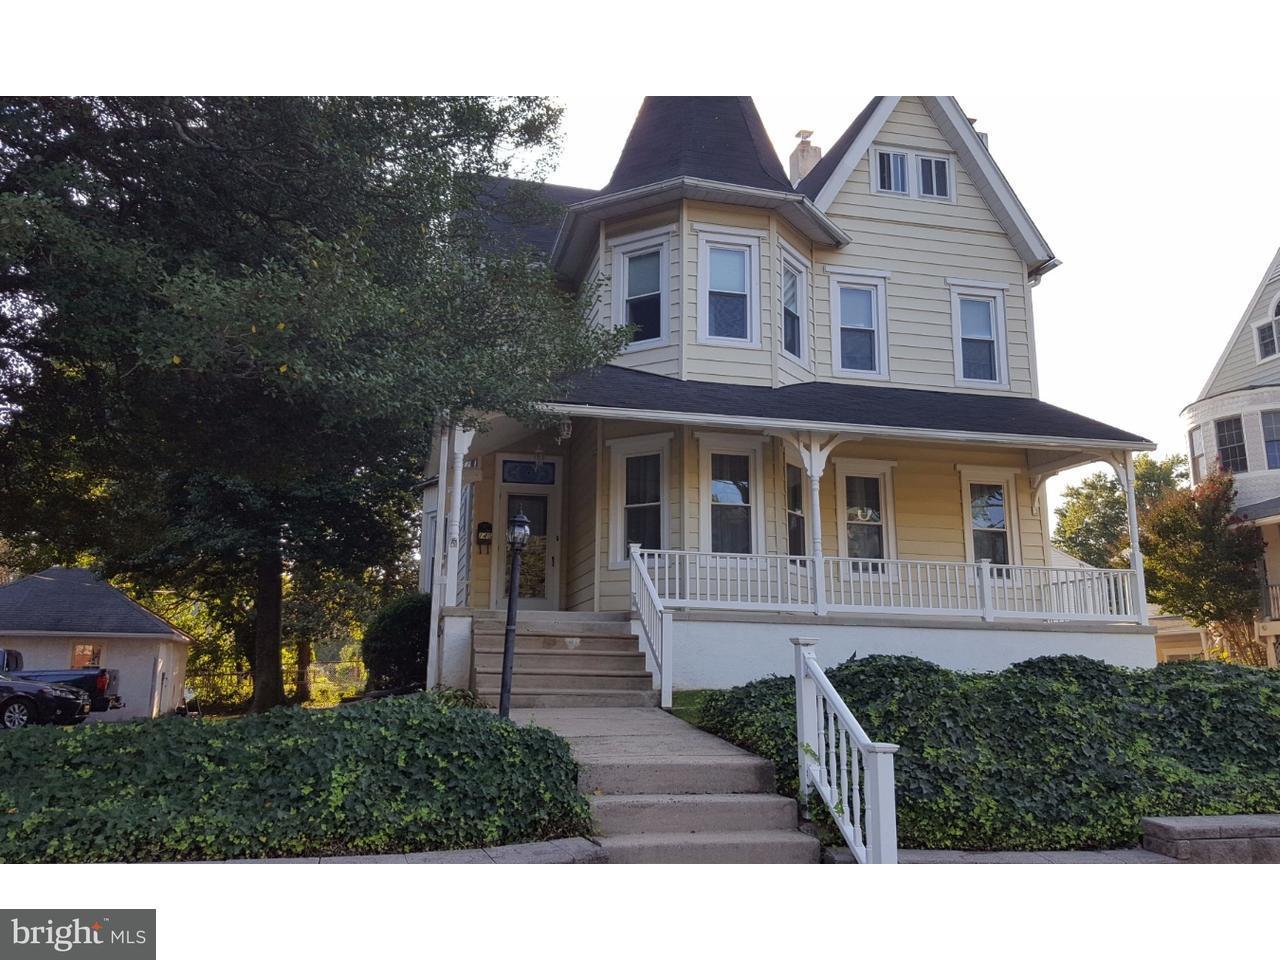 Частный односемейный дом для того Продажа на 140 W RIDLEY Avenue Norwood, Пенсильвания 19074 Соединенные Штаты